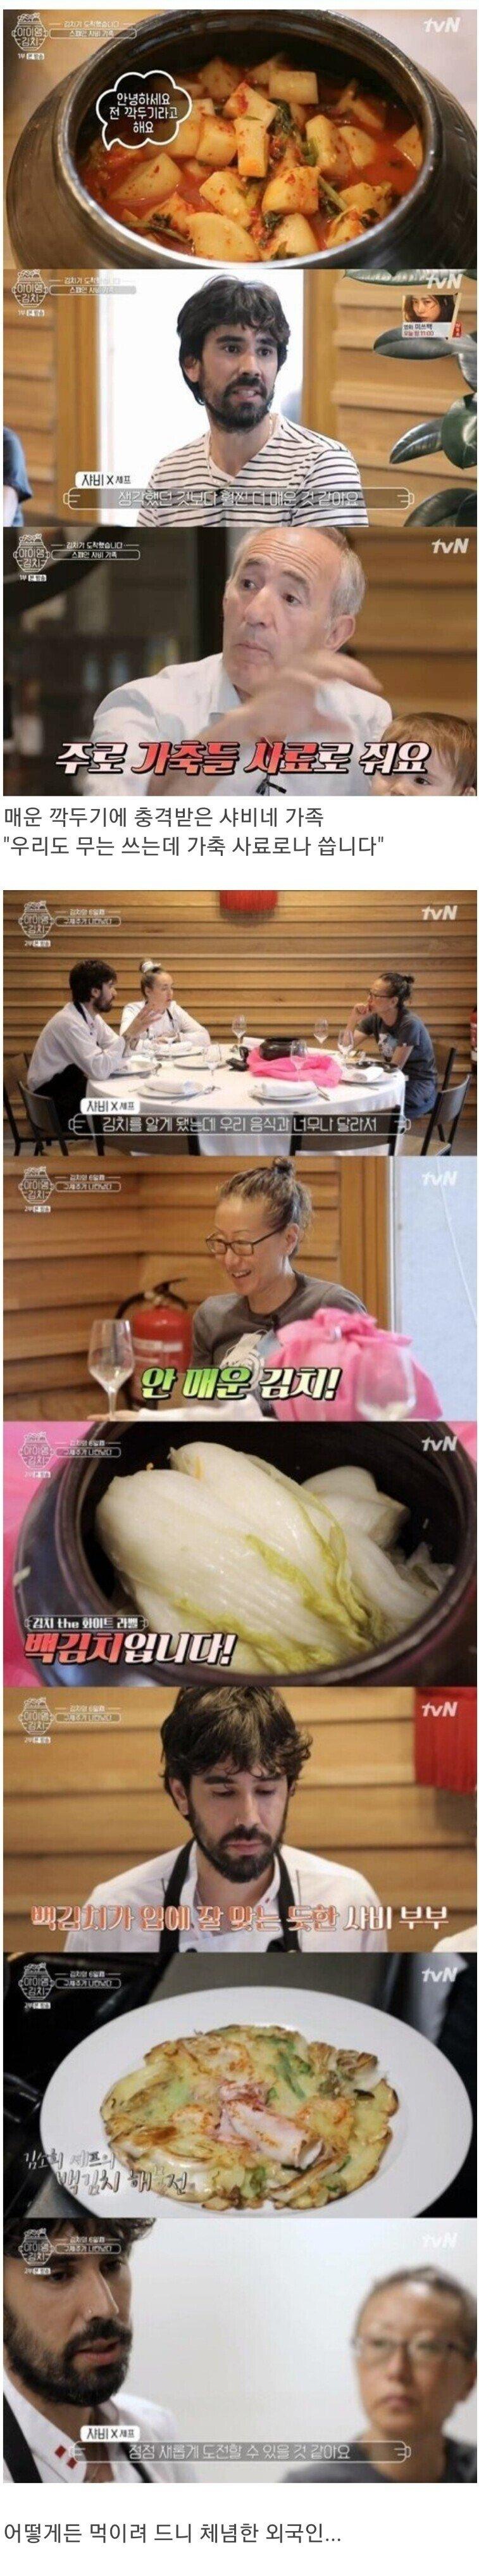 한국 예능에서 김치 먹고 체념한 외국인